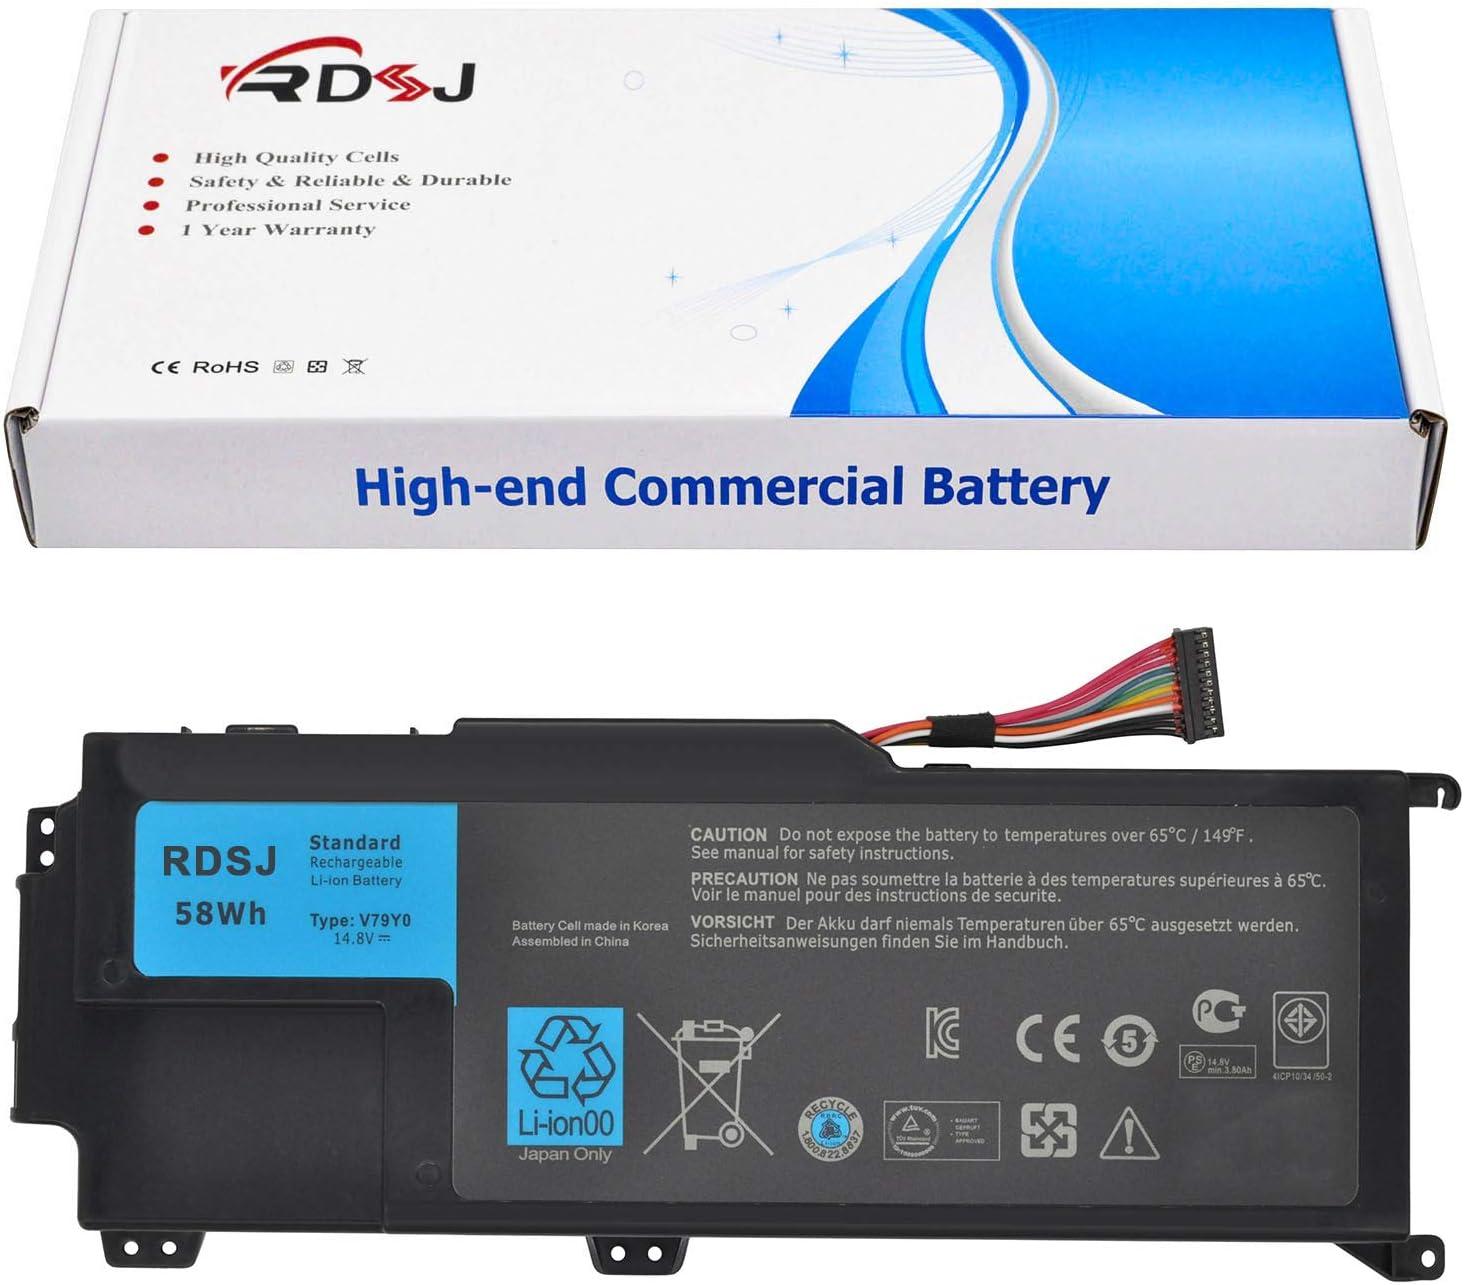 V79Y0 ORMTVY Laptop Battery for Dell XPS 14Z 14Z-L412X 14Z-L412Z XPS L412X L412Z Series 0YMYF6 YMYF6 V79YO 201106 14.8V 58Wh